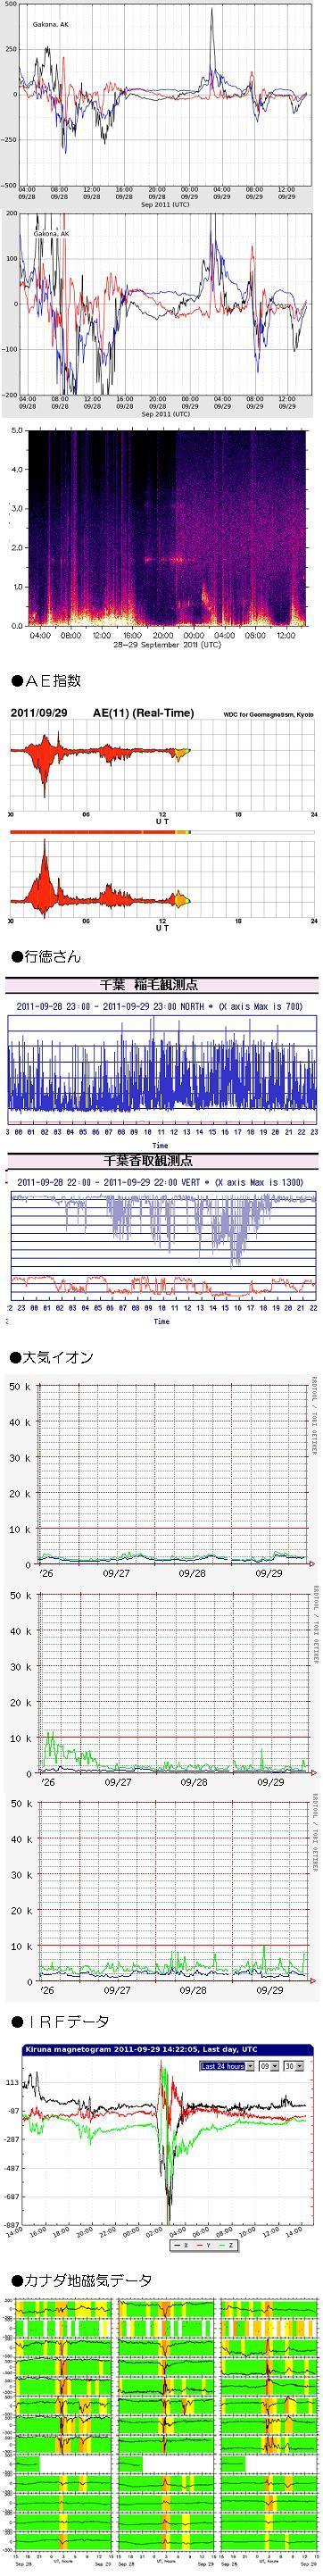 0930-1 データ